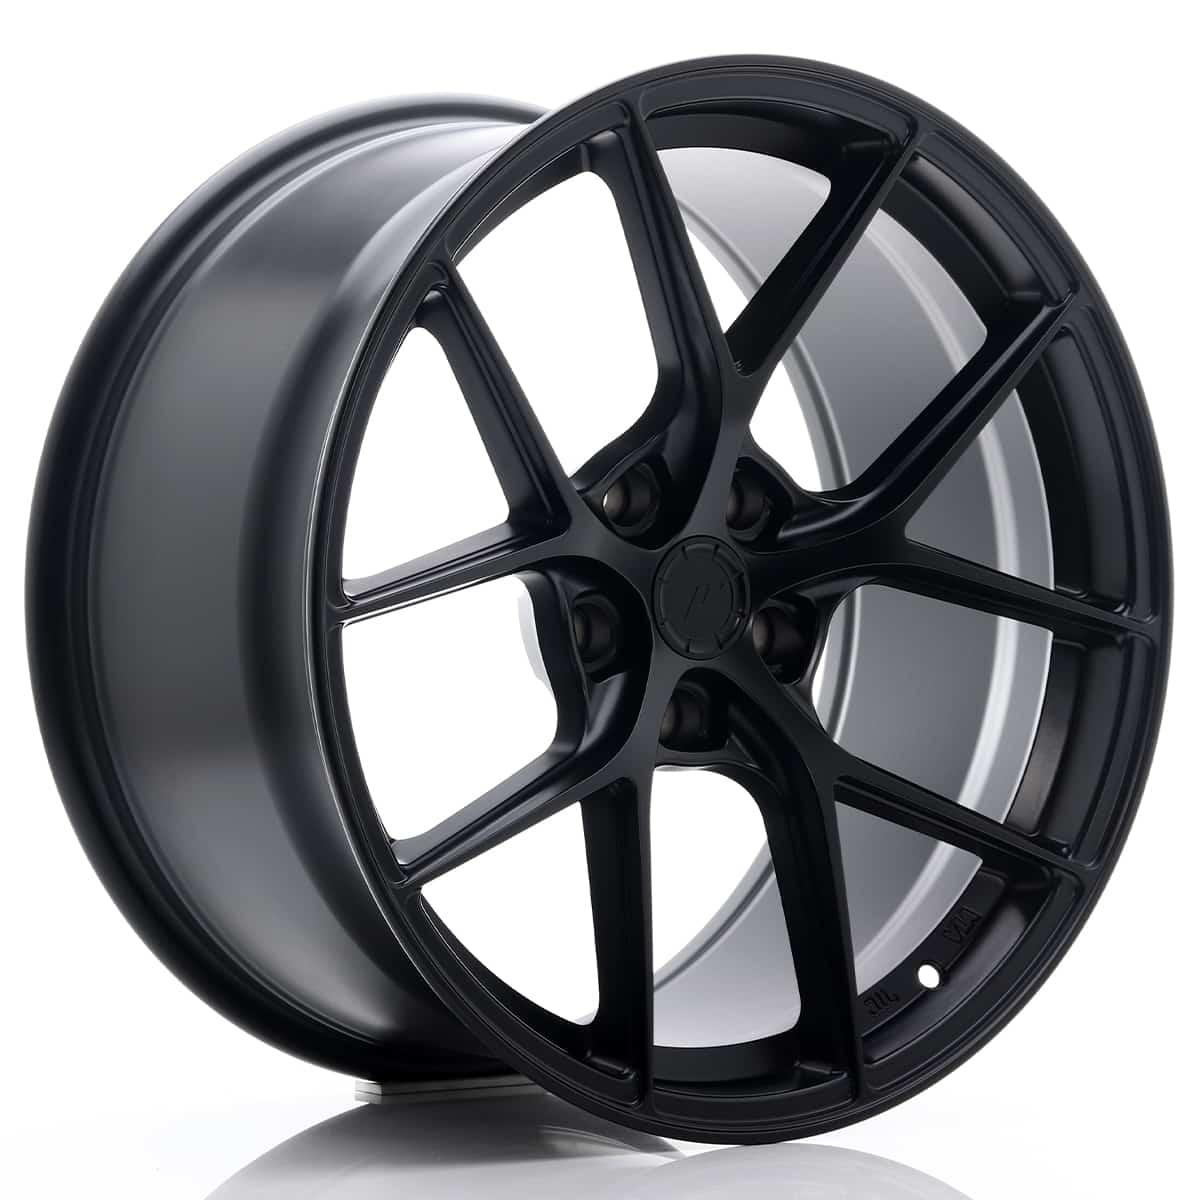 JR Wheels SL01 19x9, 5 ET25 5x120 Matt Black